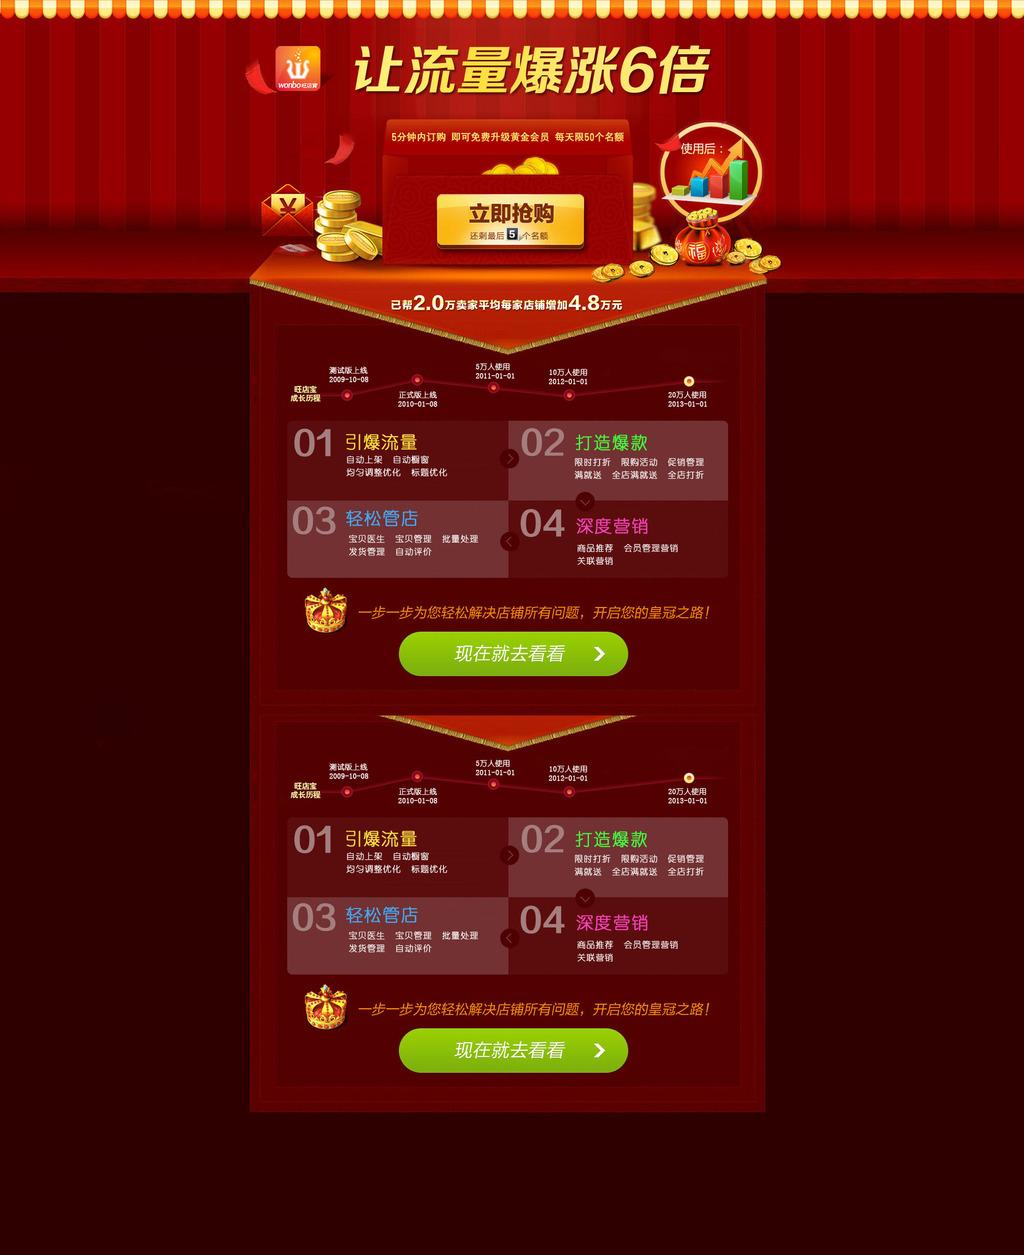 淘宝天猫新年春节店铺首页装修模板